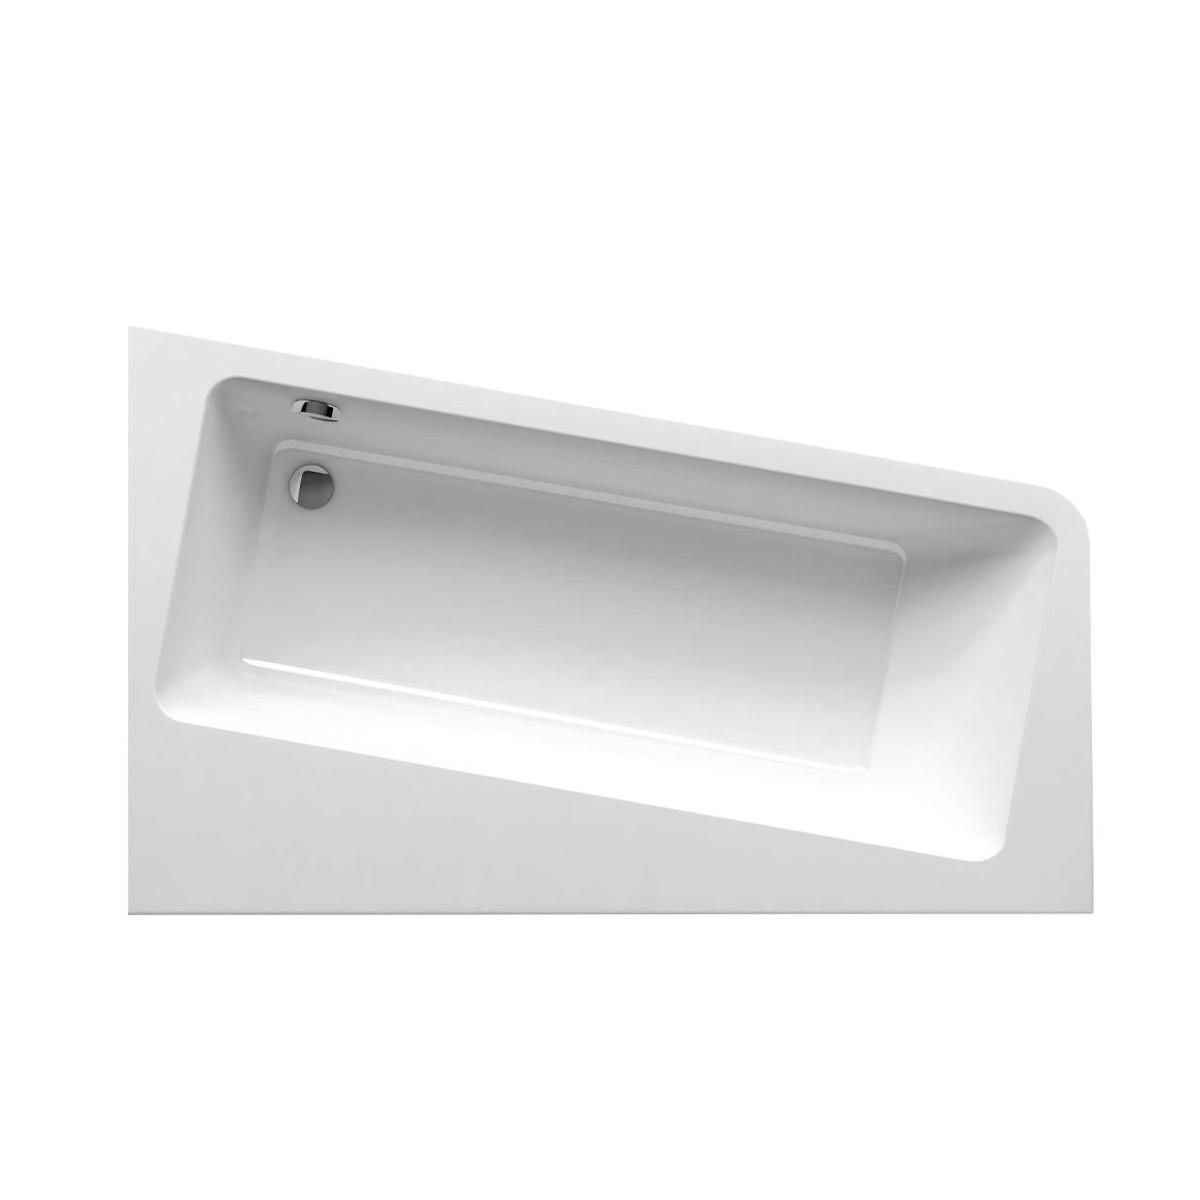 Акриловая ассиметричная ванна Ravak 10 градусов 170x100 см левая